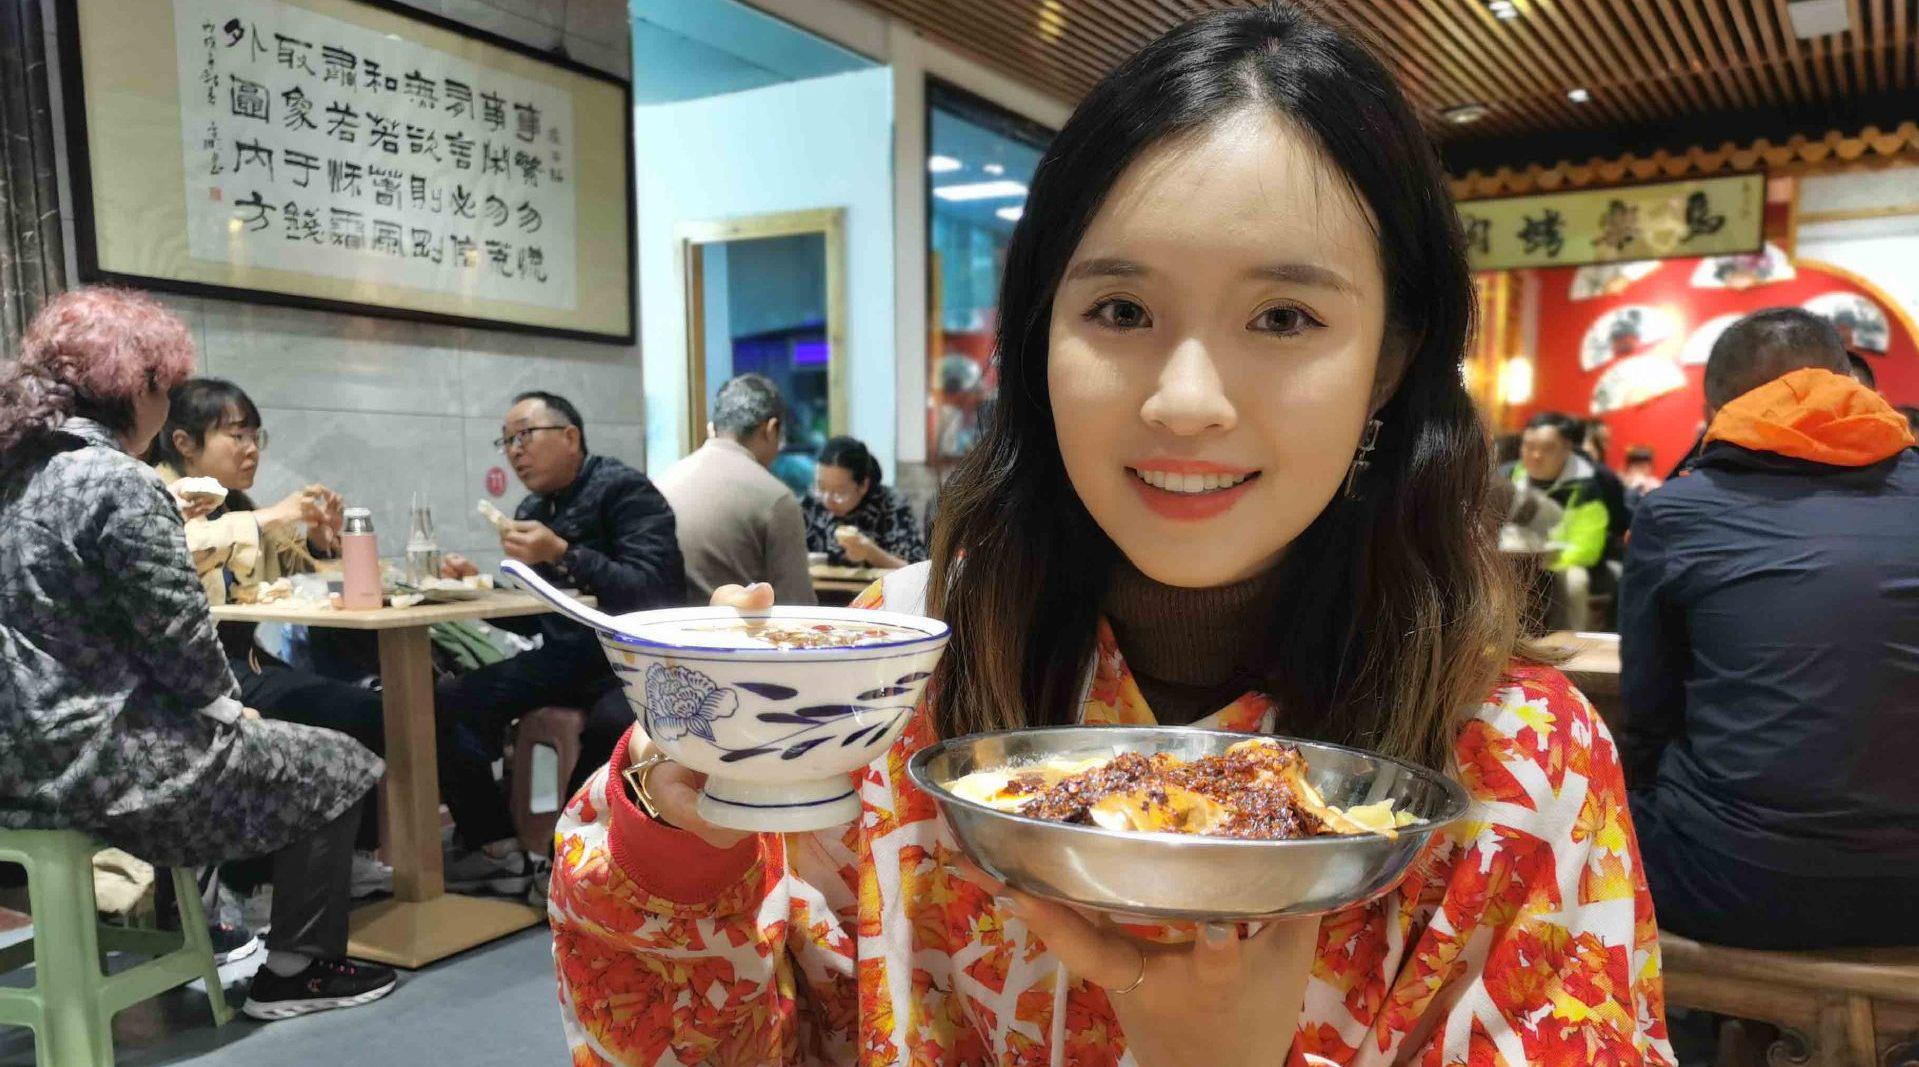 CGTN探访西安美食文化,一起领略西安美食风采!顺便练练英语听力